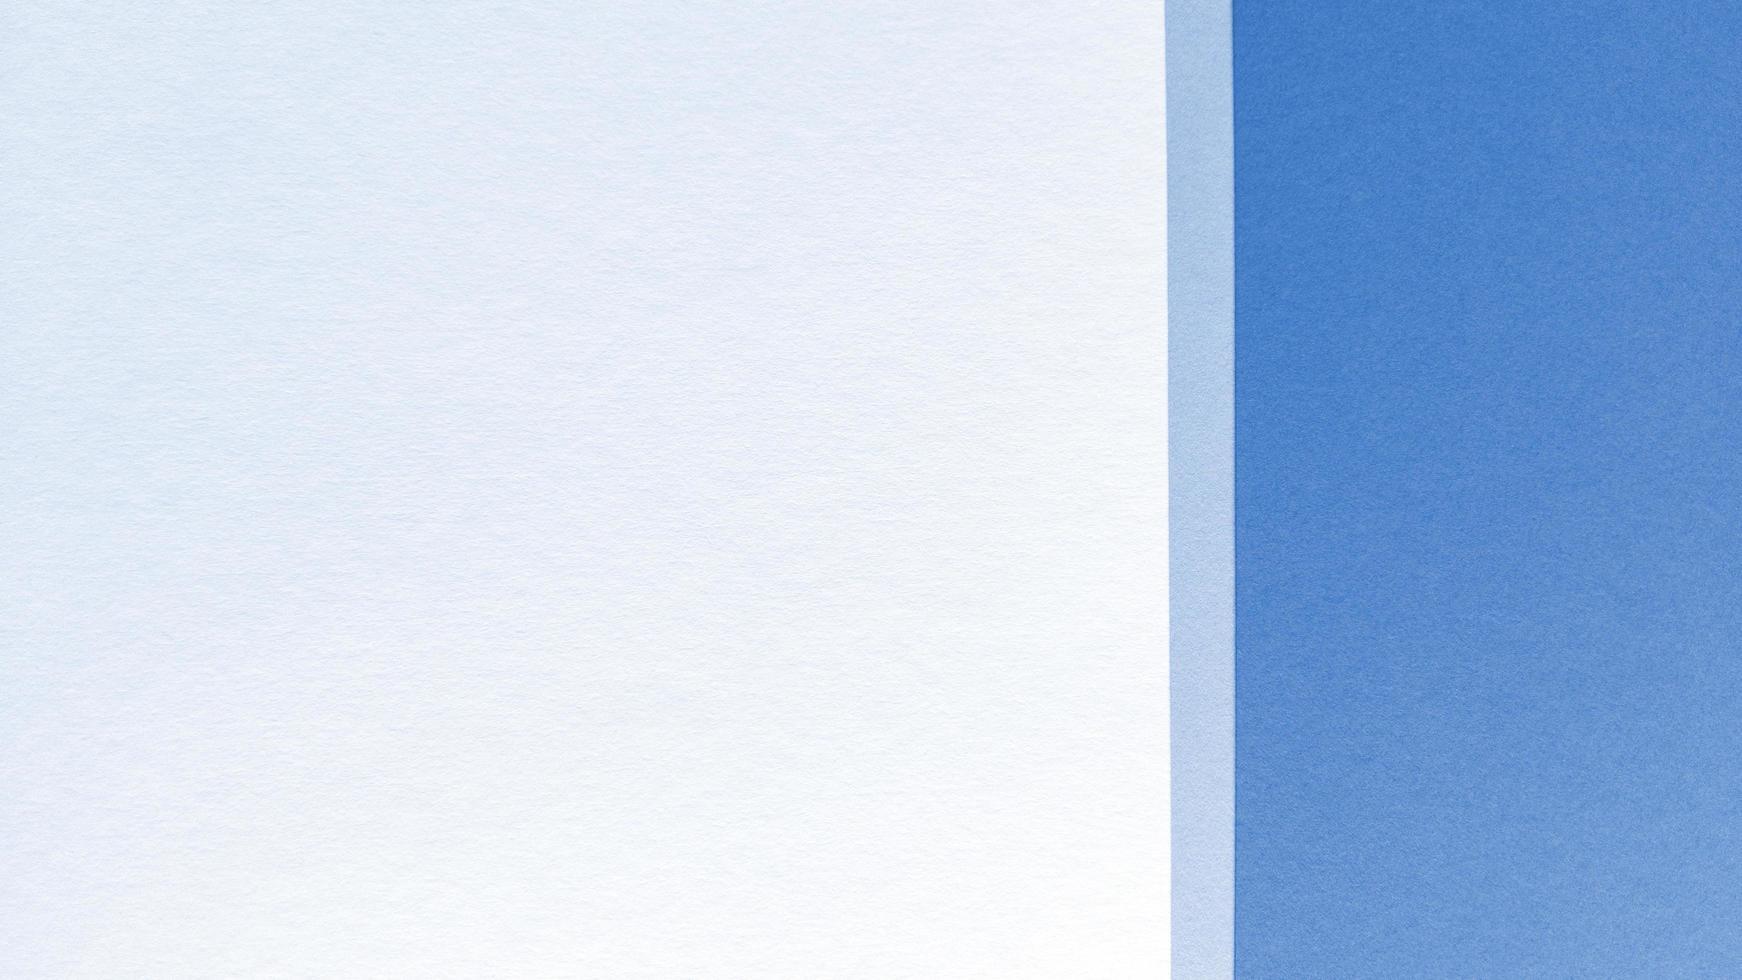 enkel platt låg med pastellstruktur. blå och vitbok bakgrund. stock foto. foto